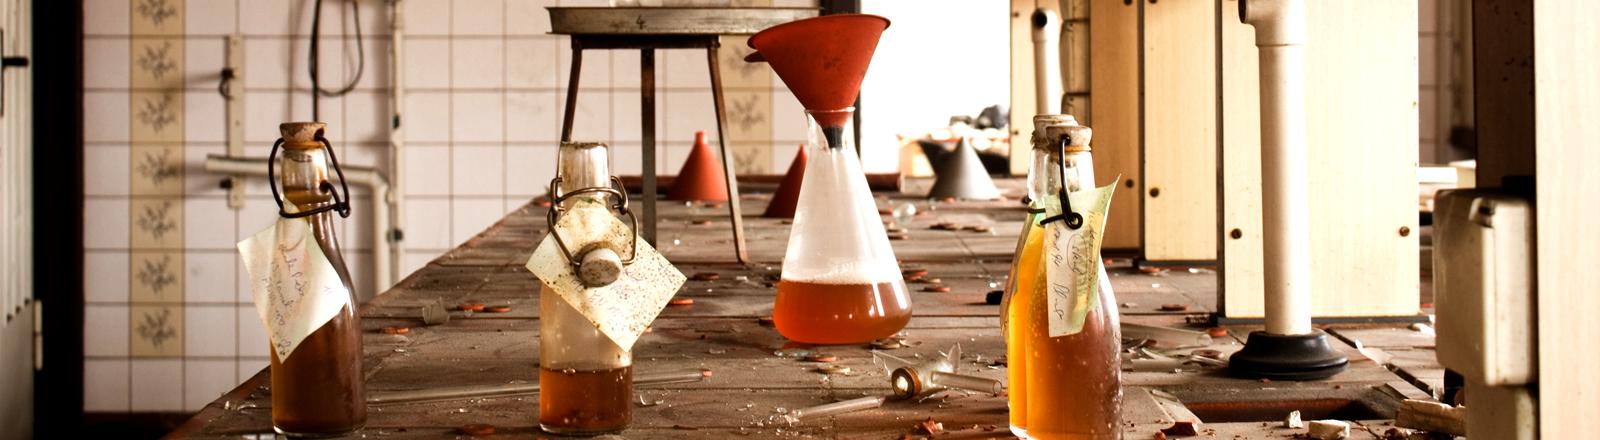 In einem Labor stehen verschiedene Flaschen mit braunen Substanzen drin auf einem langen Tisch.